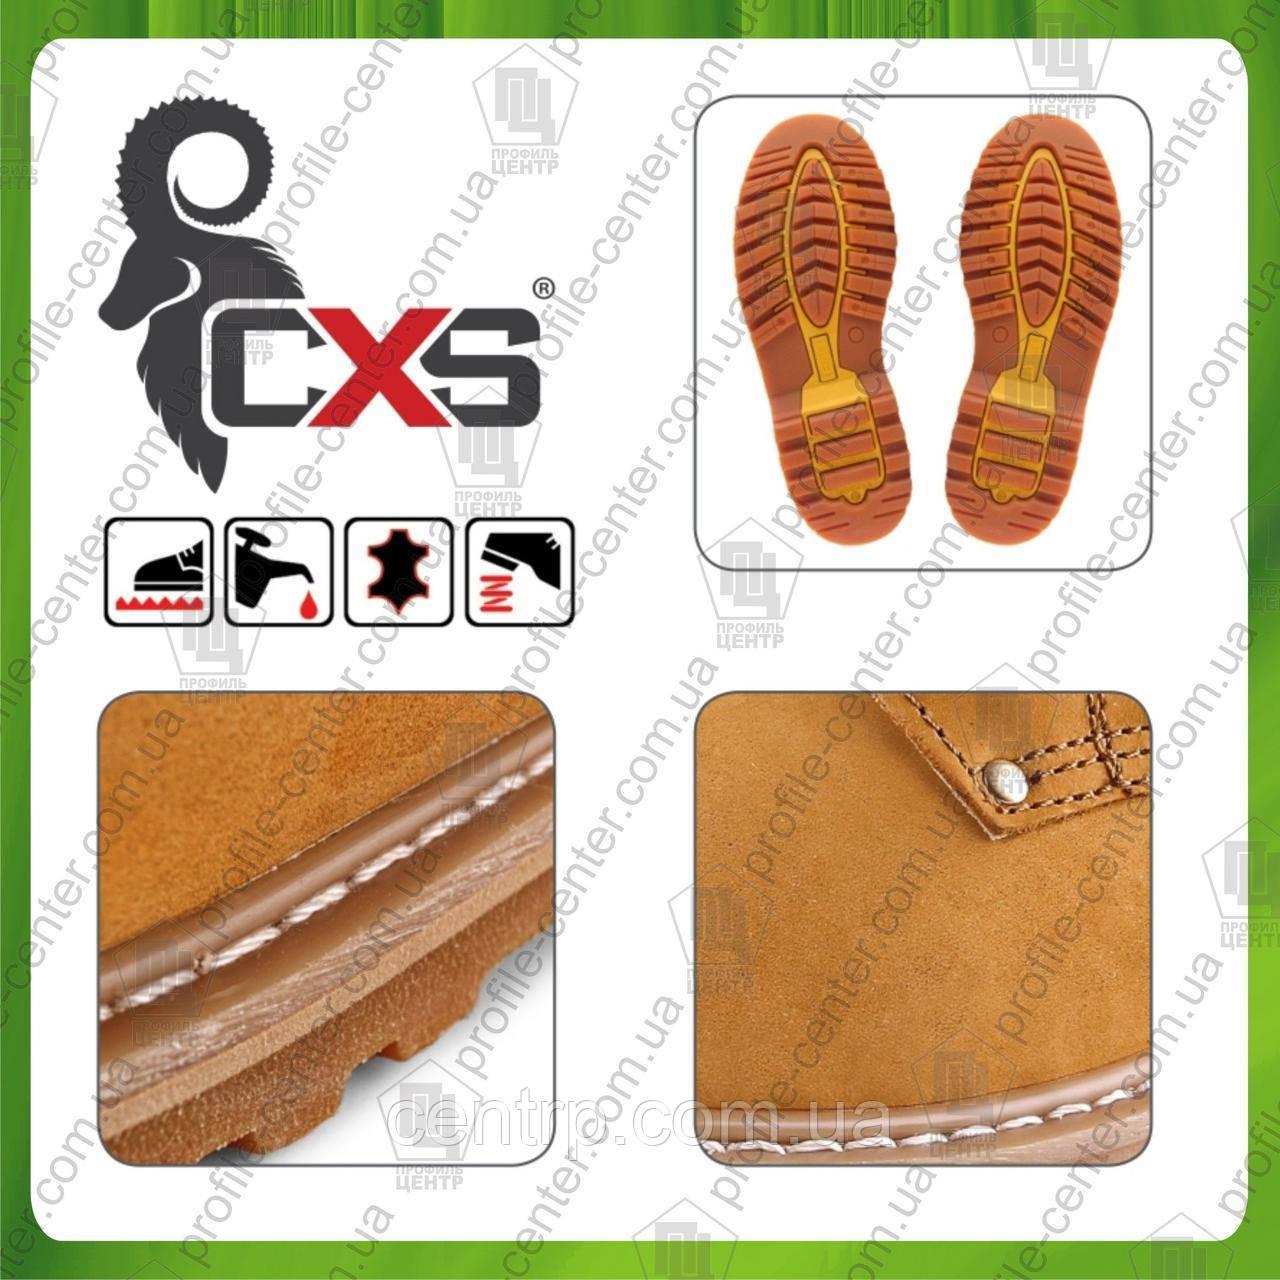 Обувь без металлического носка Canis Belmont 612 OB